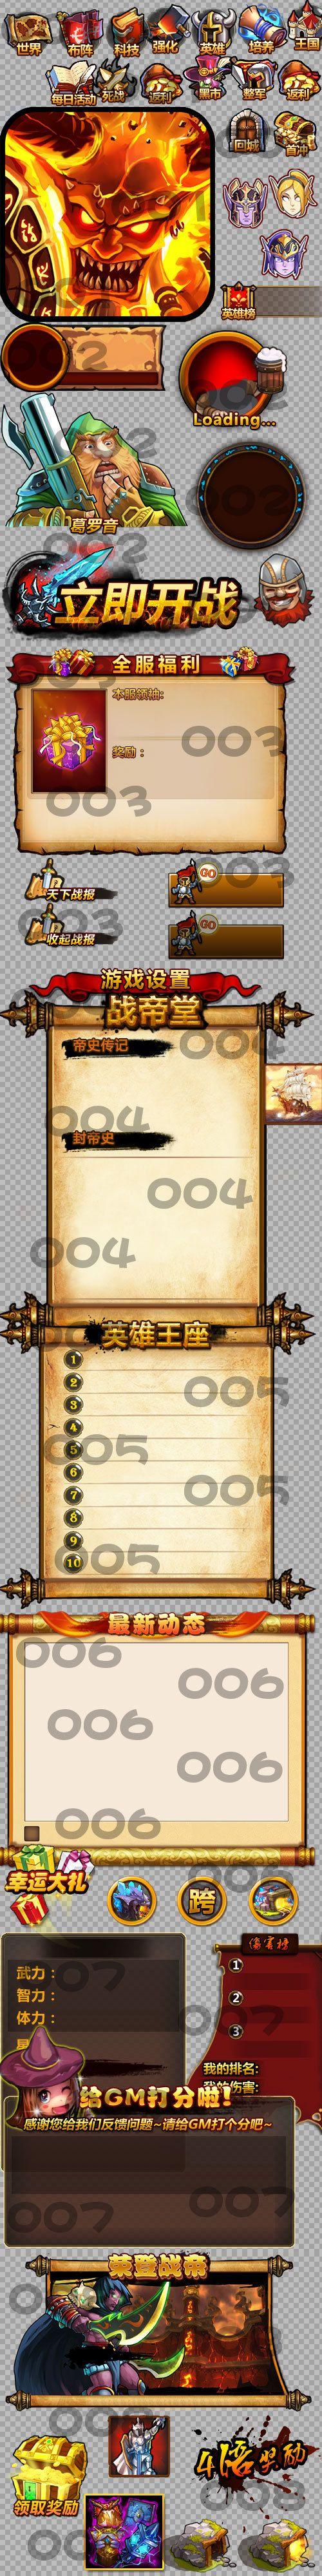 游戏 UI场景 icon图标 素材 资源...